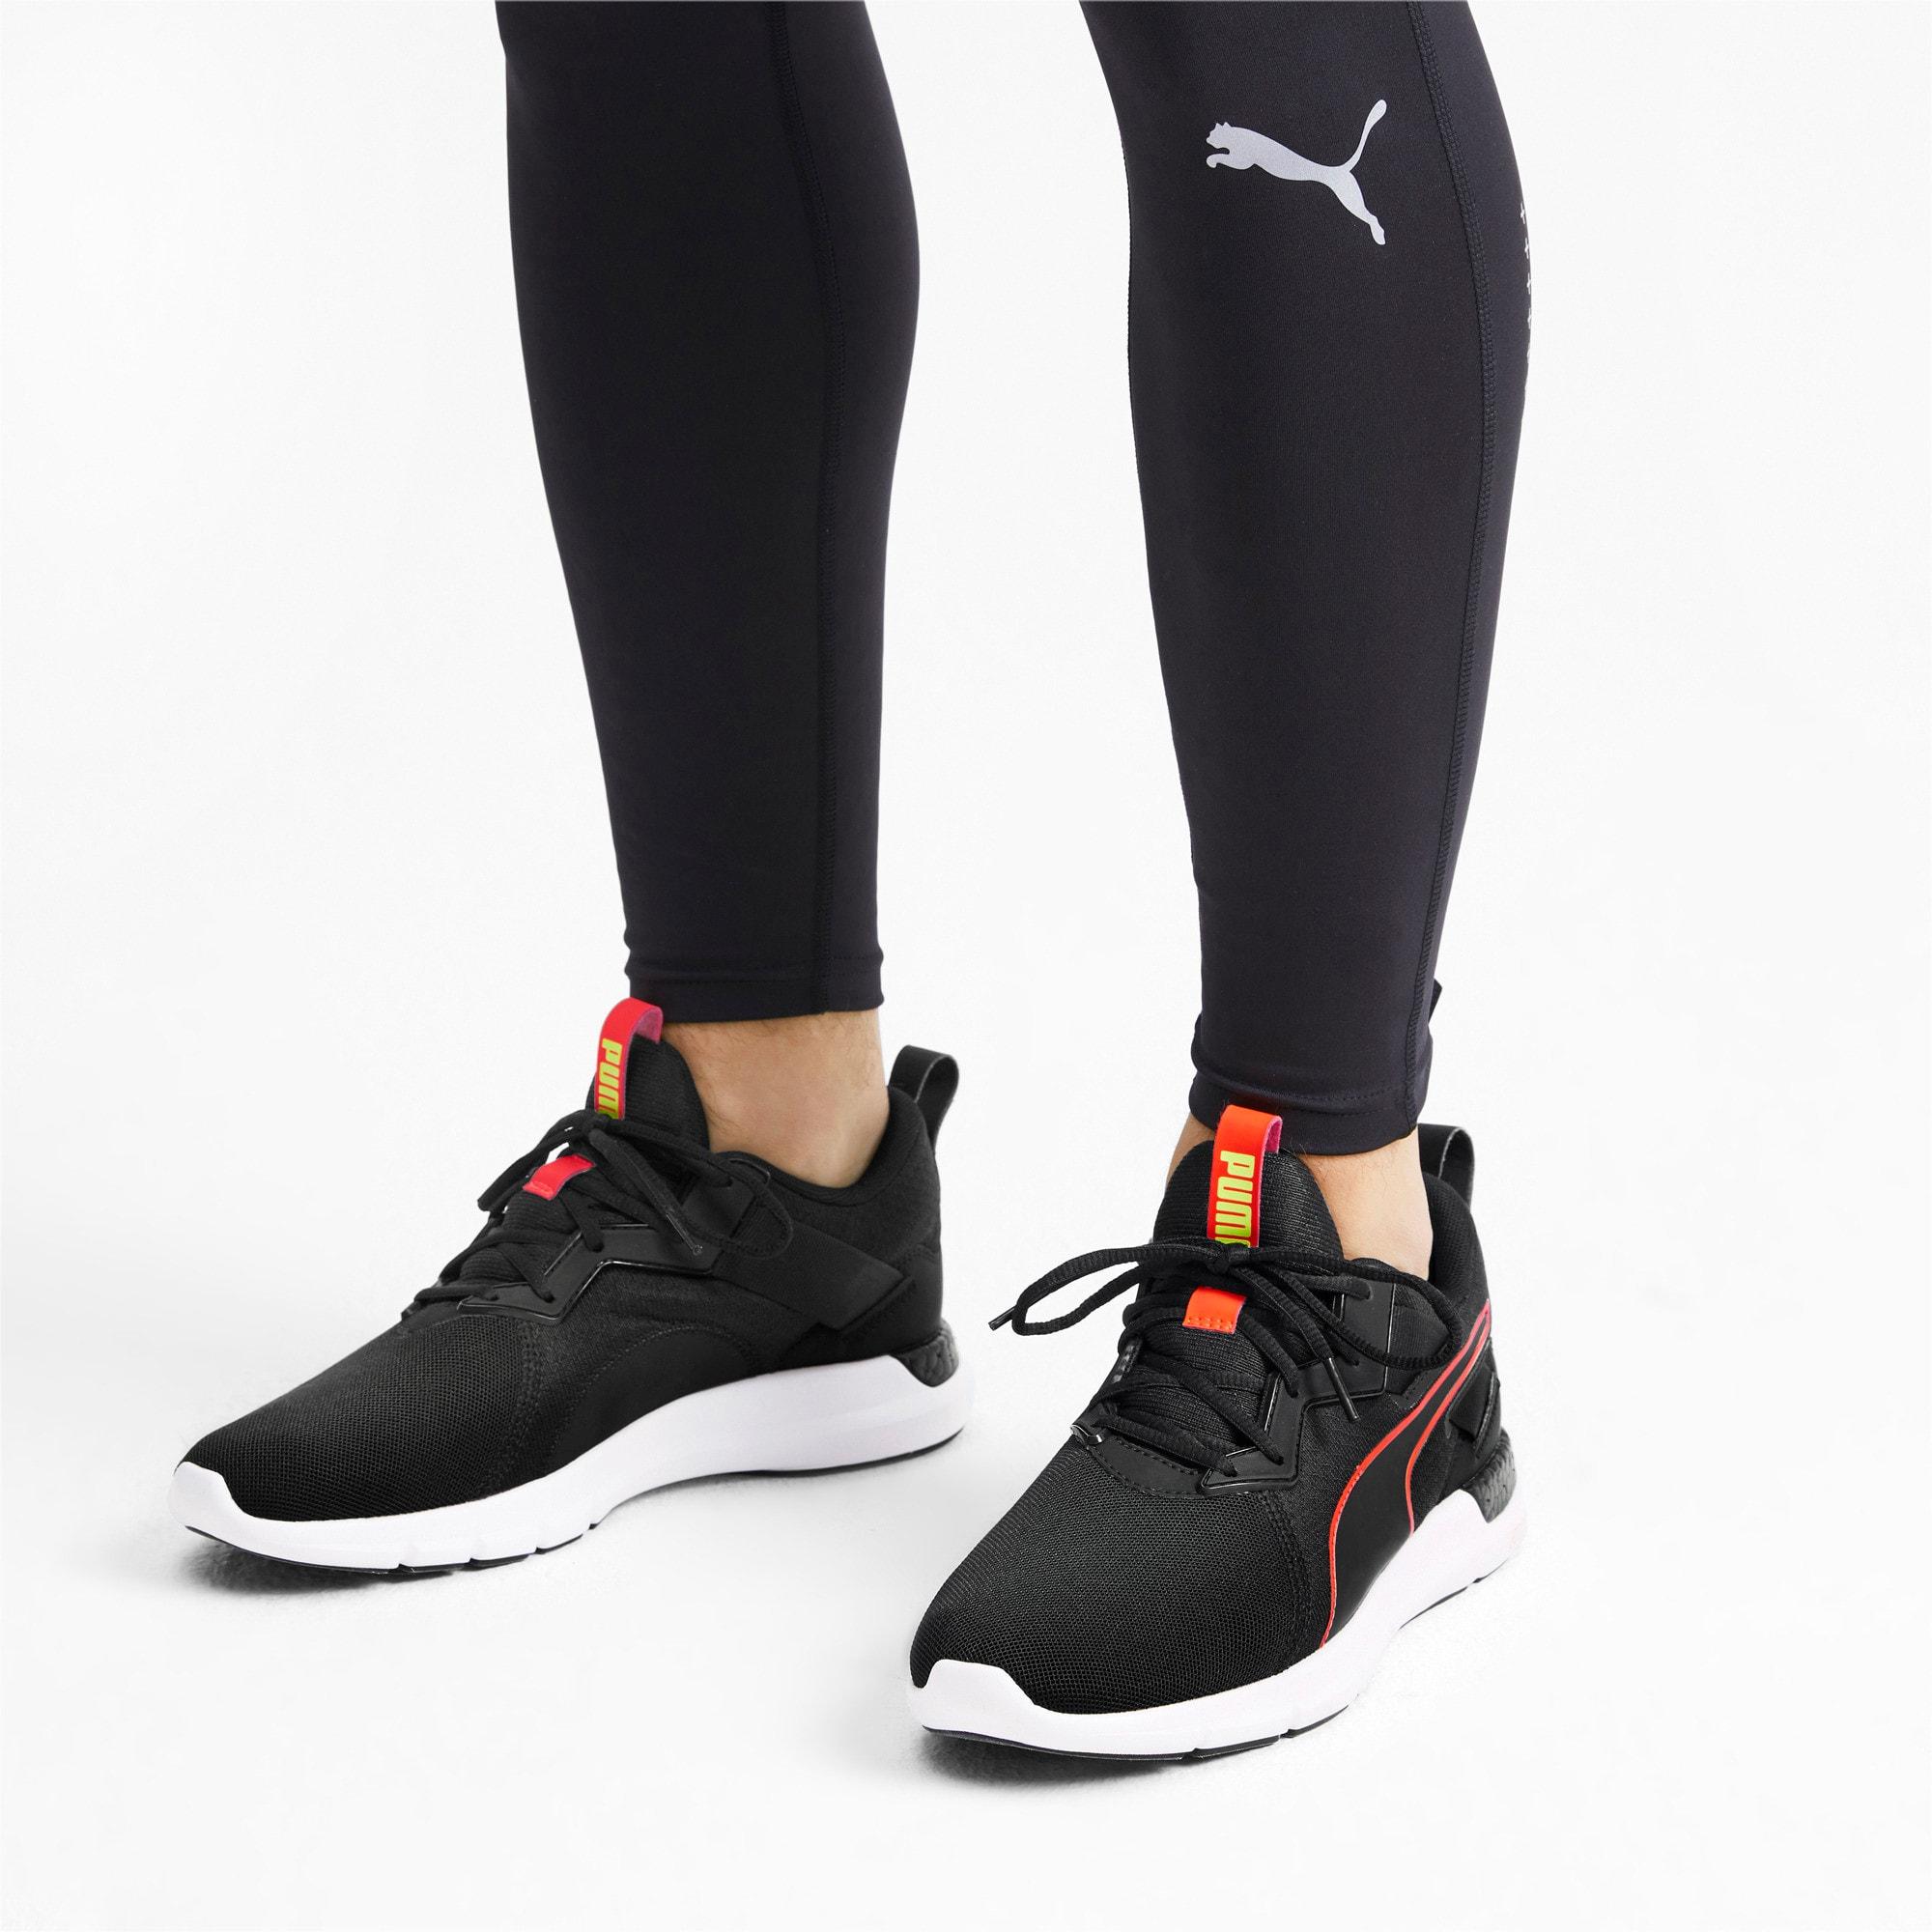 Miniatura 3 de Zapatos para correr NRGY Dynamo Futuro para hombre, Puma Black-Nrgy Red, mediano